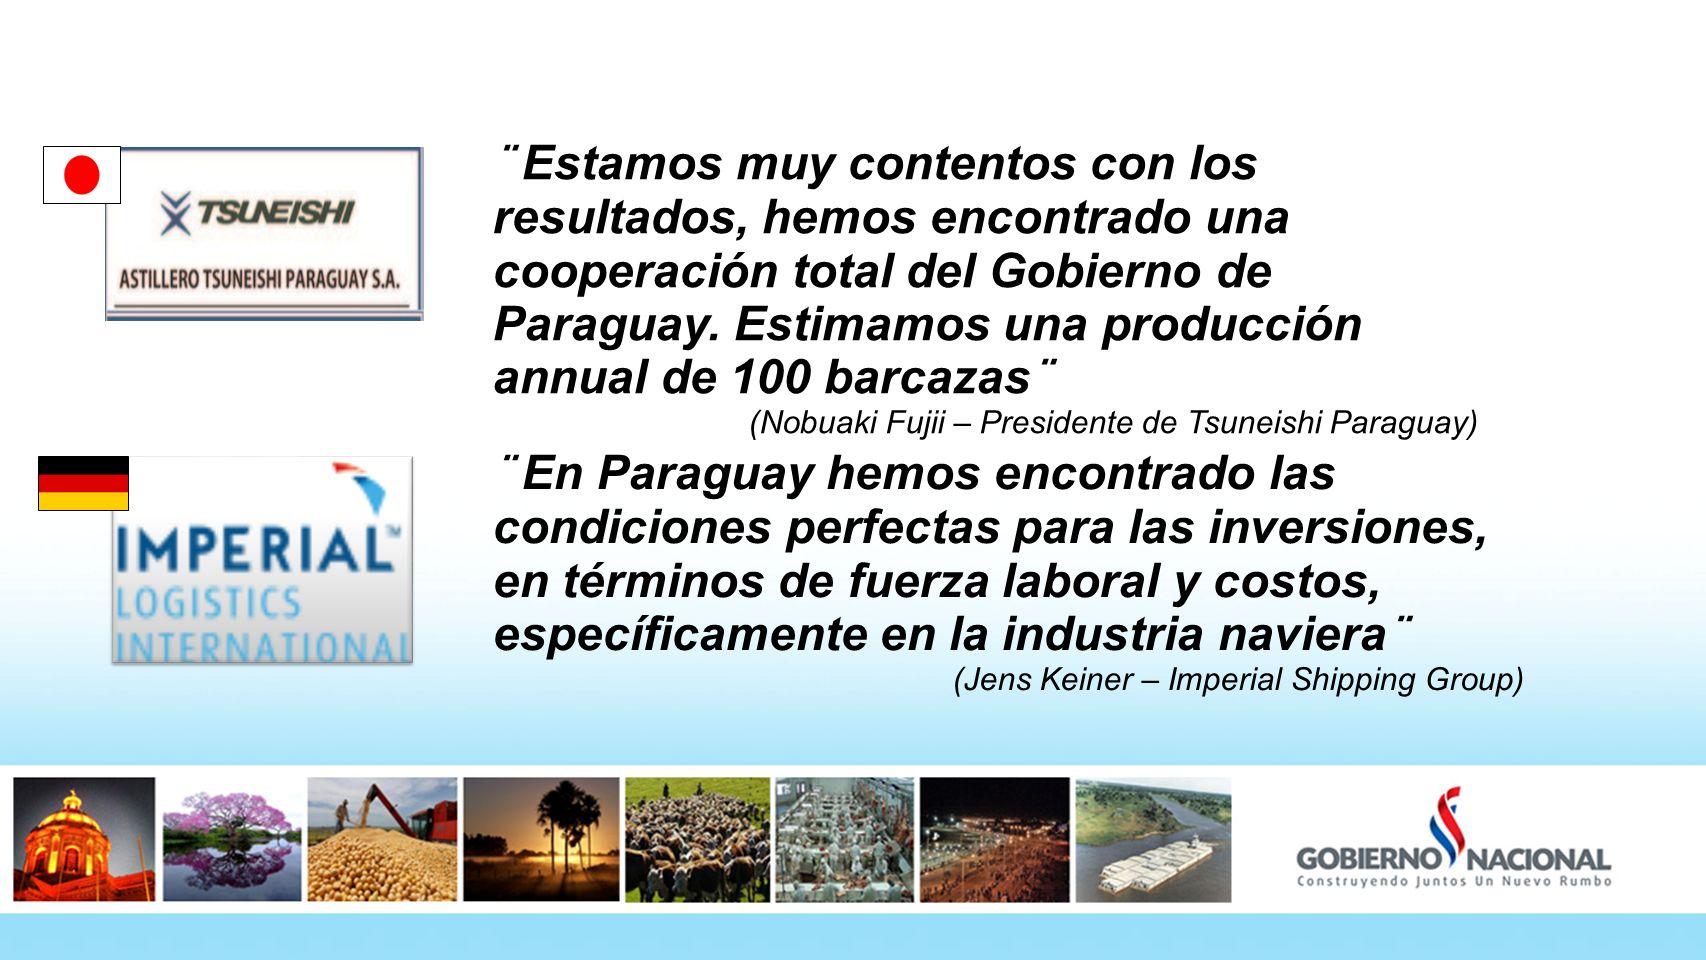 ¨ Estamos muy contentos con los resultados, hemos encontrado una cooperación total del Gobierno de Paraguay. Estimamos una producción annual de 100 barcazas¨